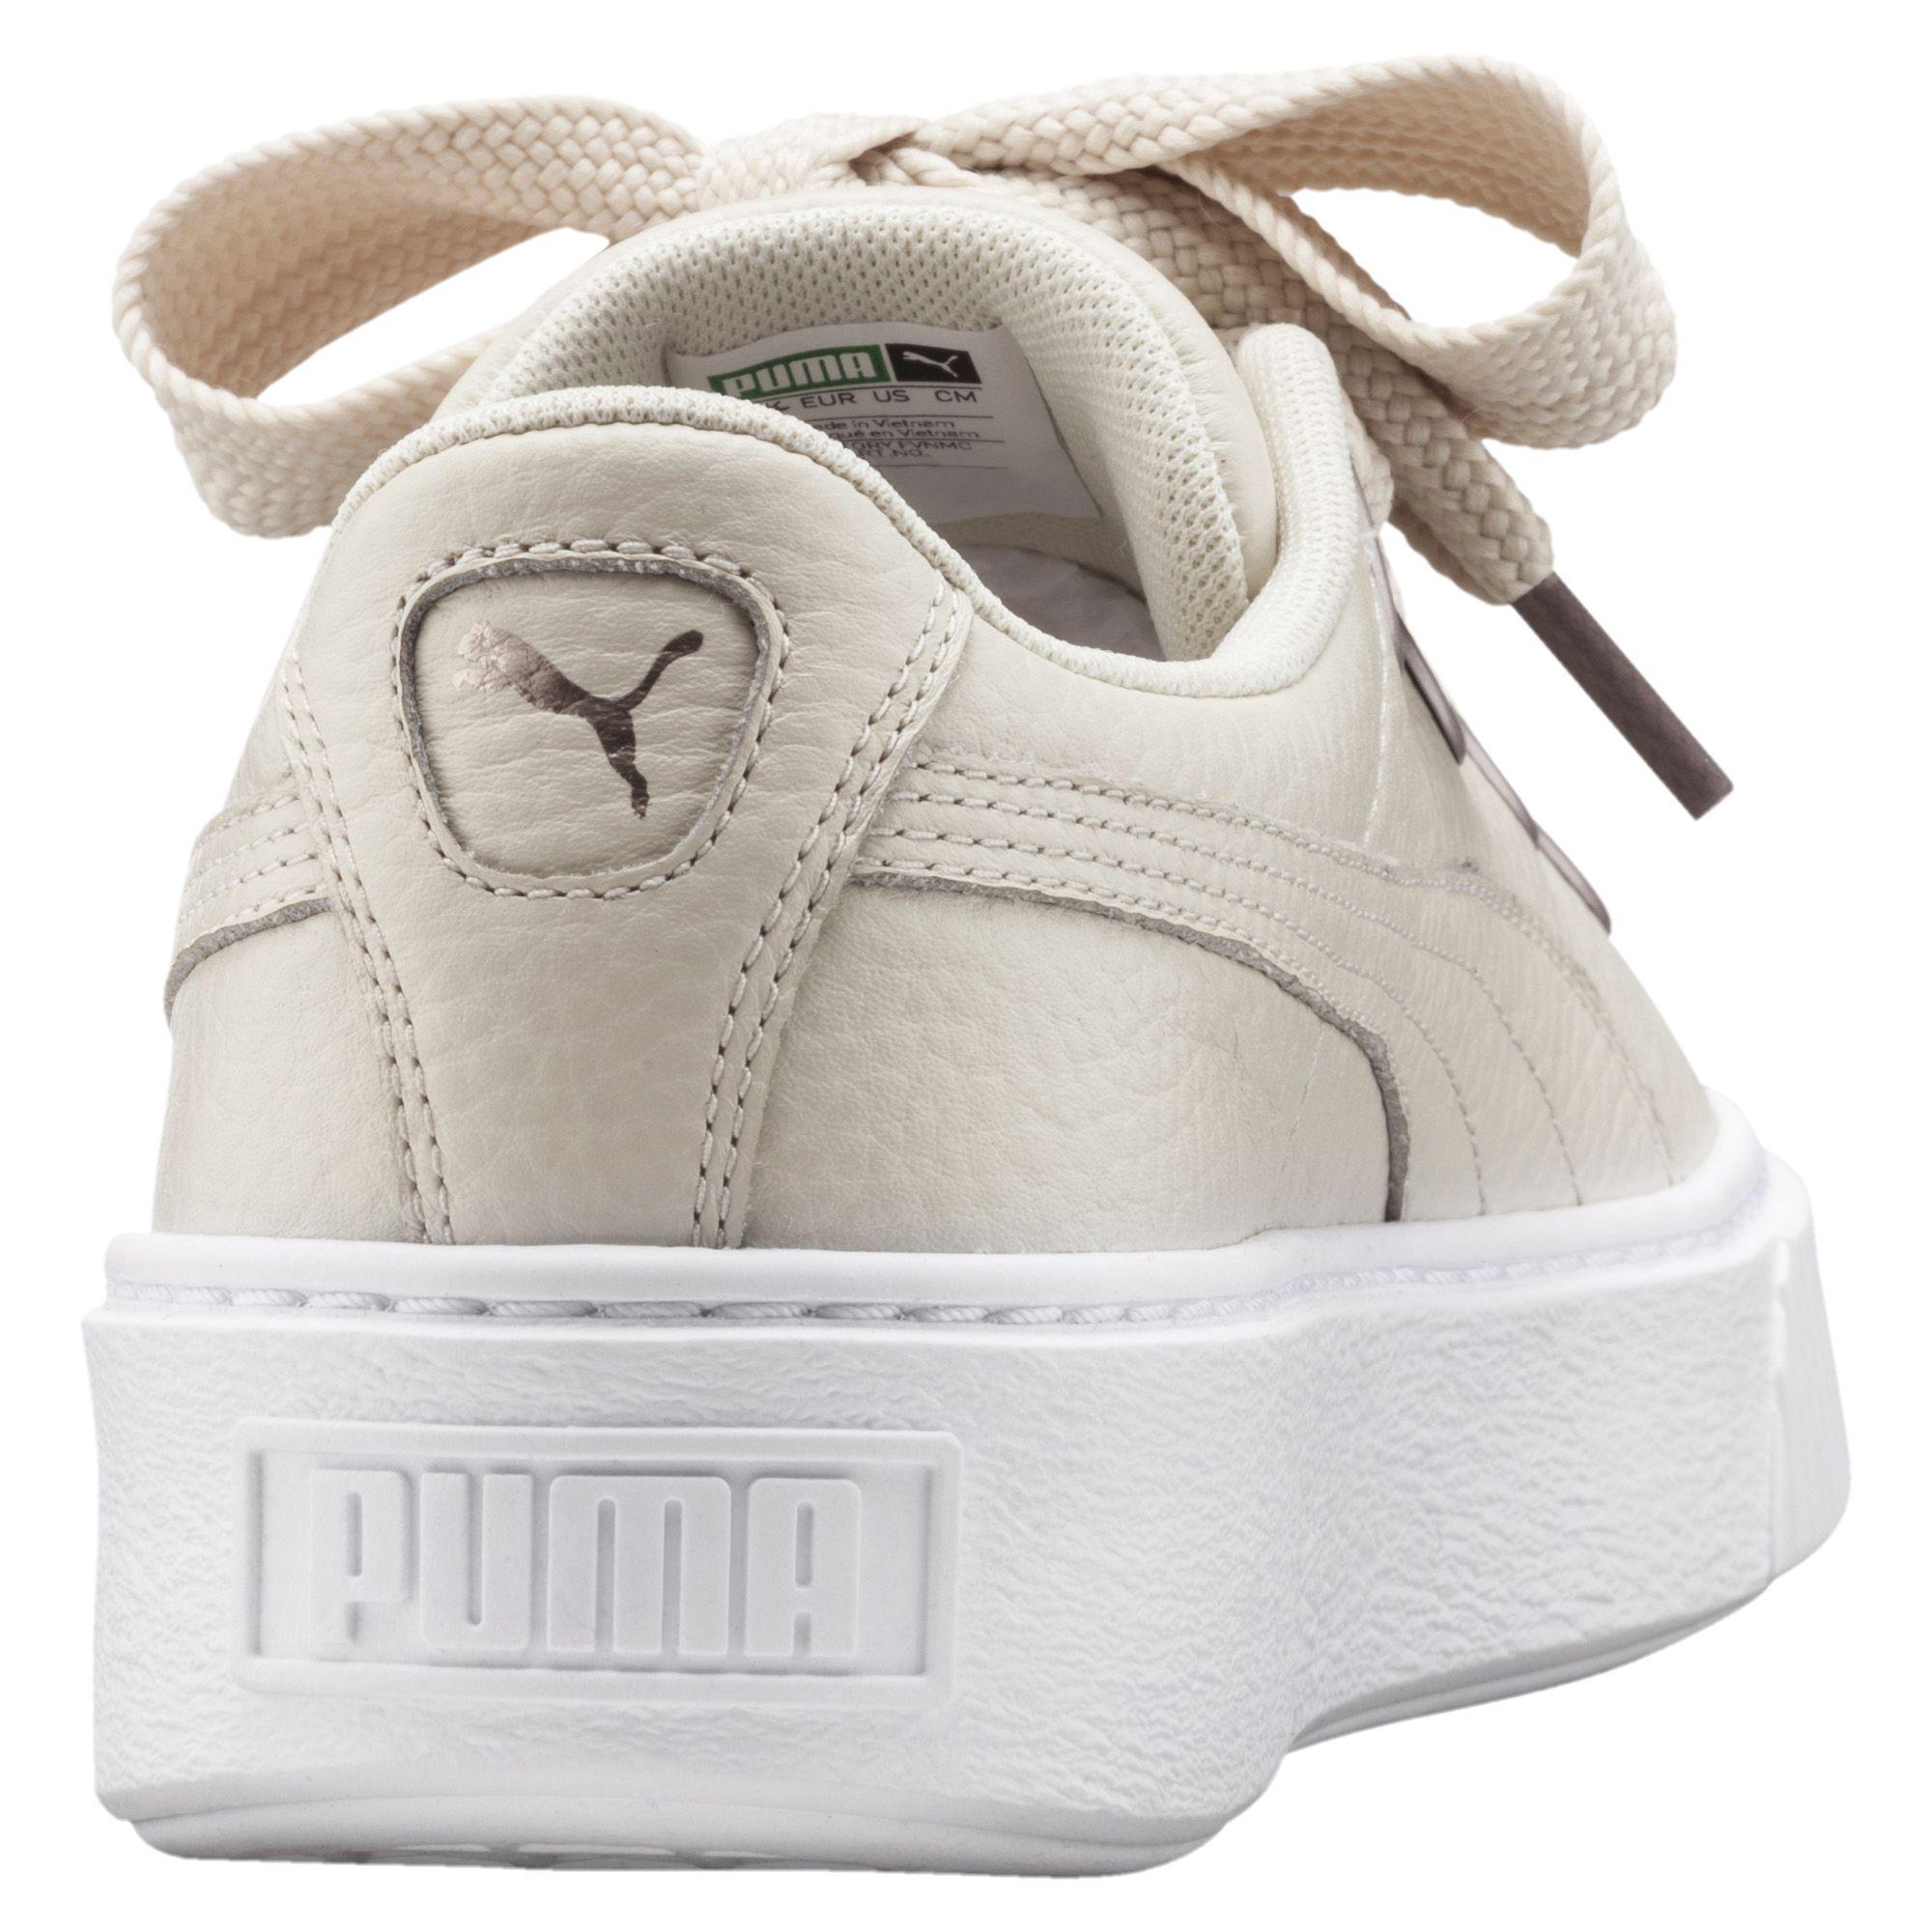 a38fdf033b12f6 Lyst - PUMA Platform Kiss Leather Women s Sneakers